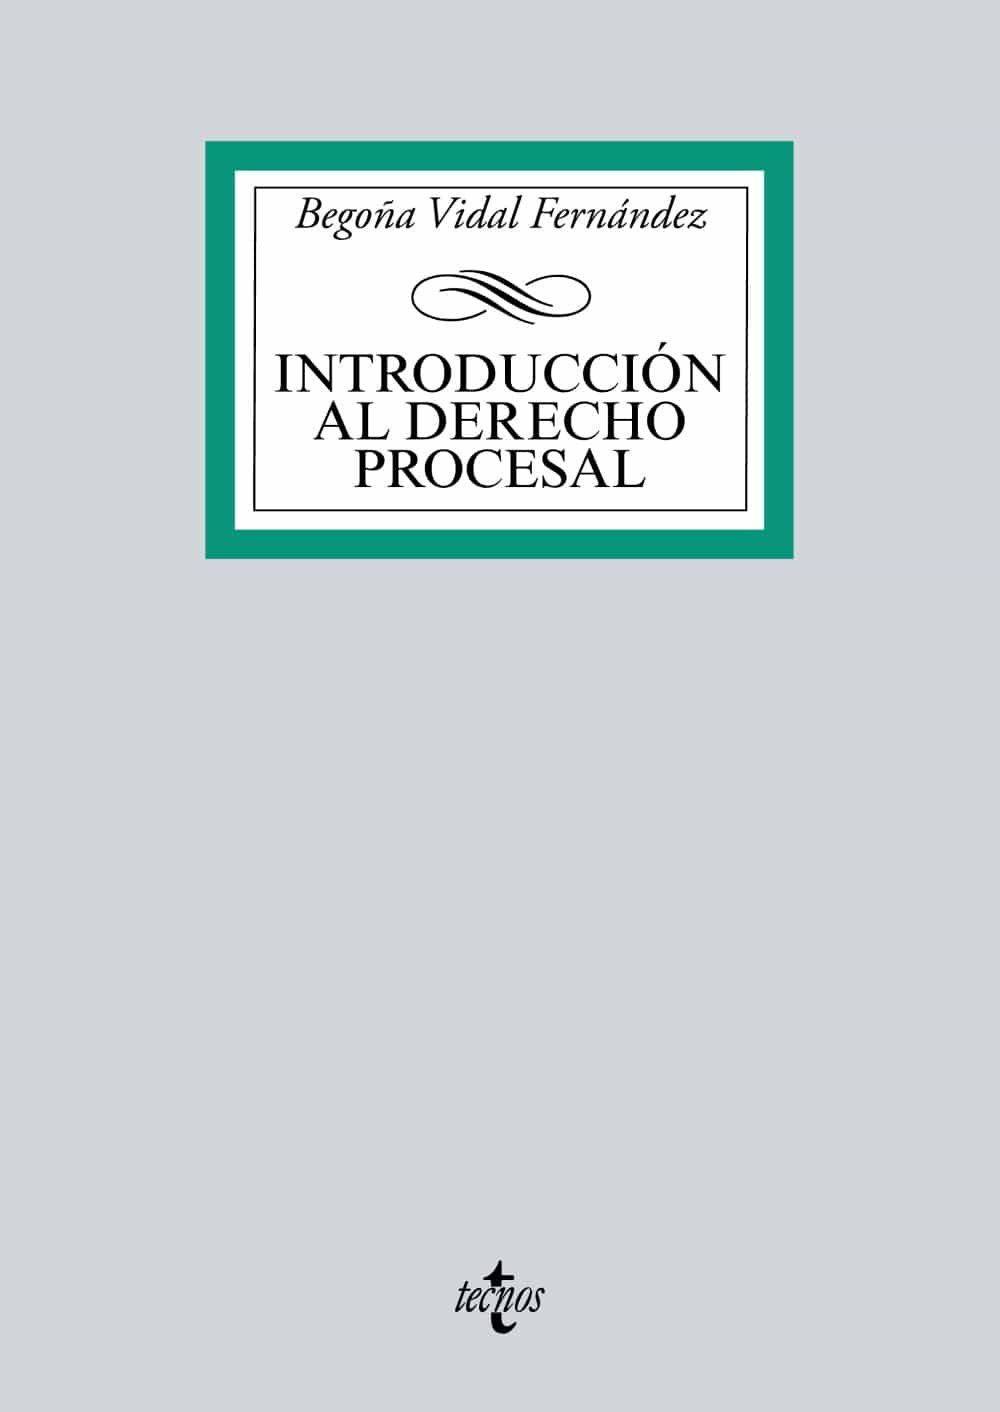 Introduccion Al Derecho Procesal por Begoña Vidal Fernandez